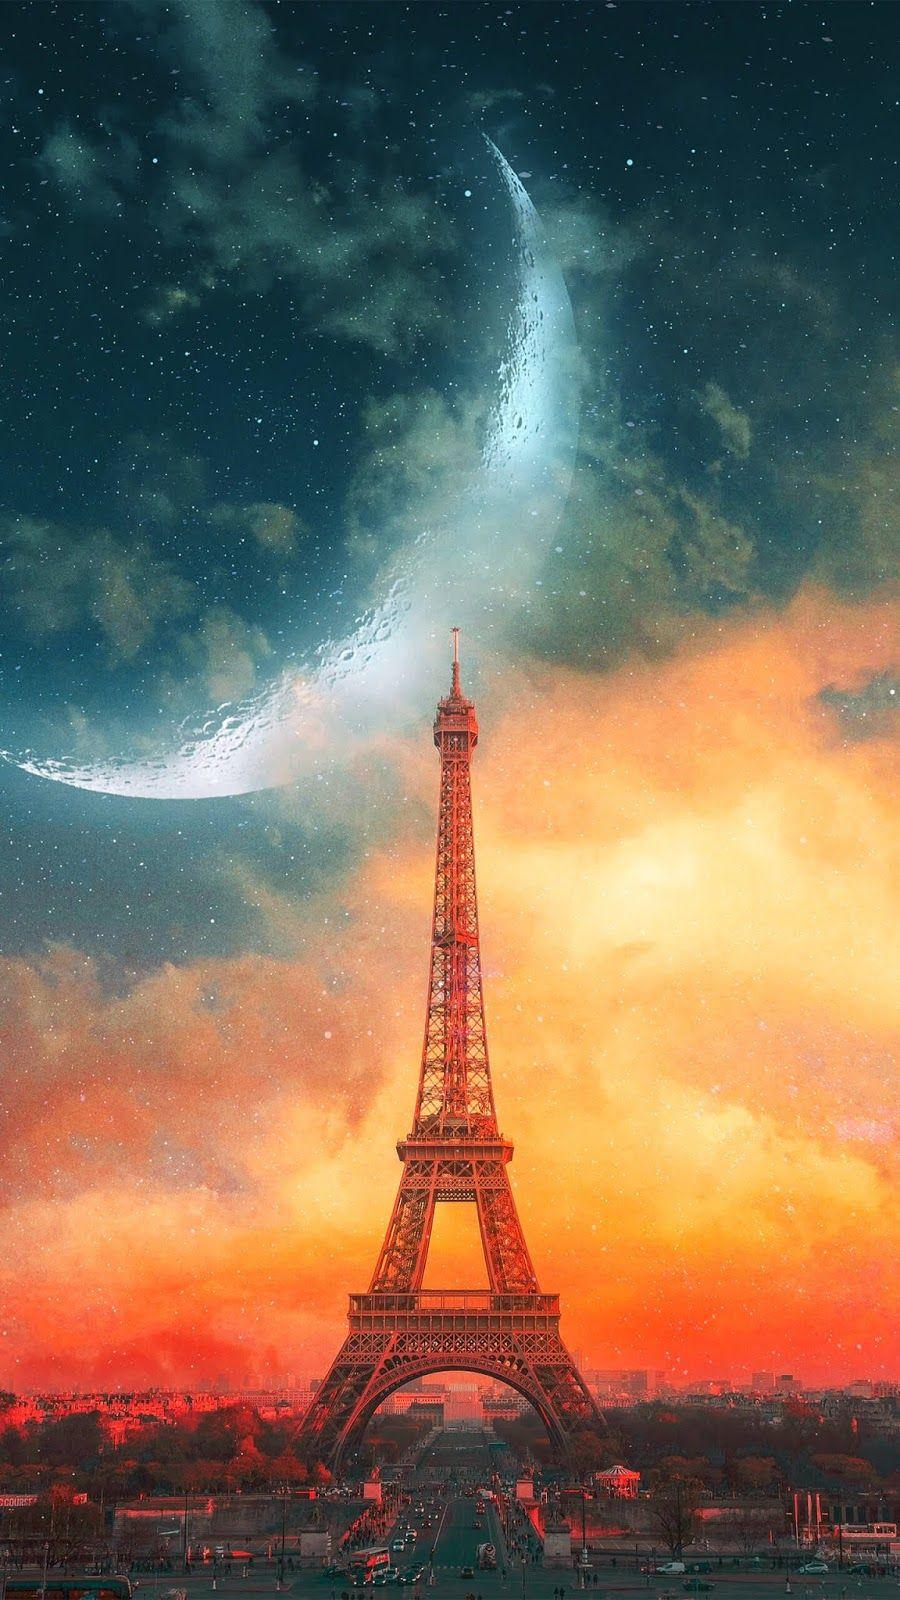 Eiffel Tower Beautiful Wallpaper Pinterest Iphone Wallpaper